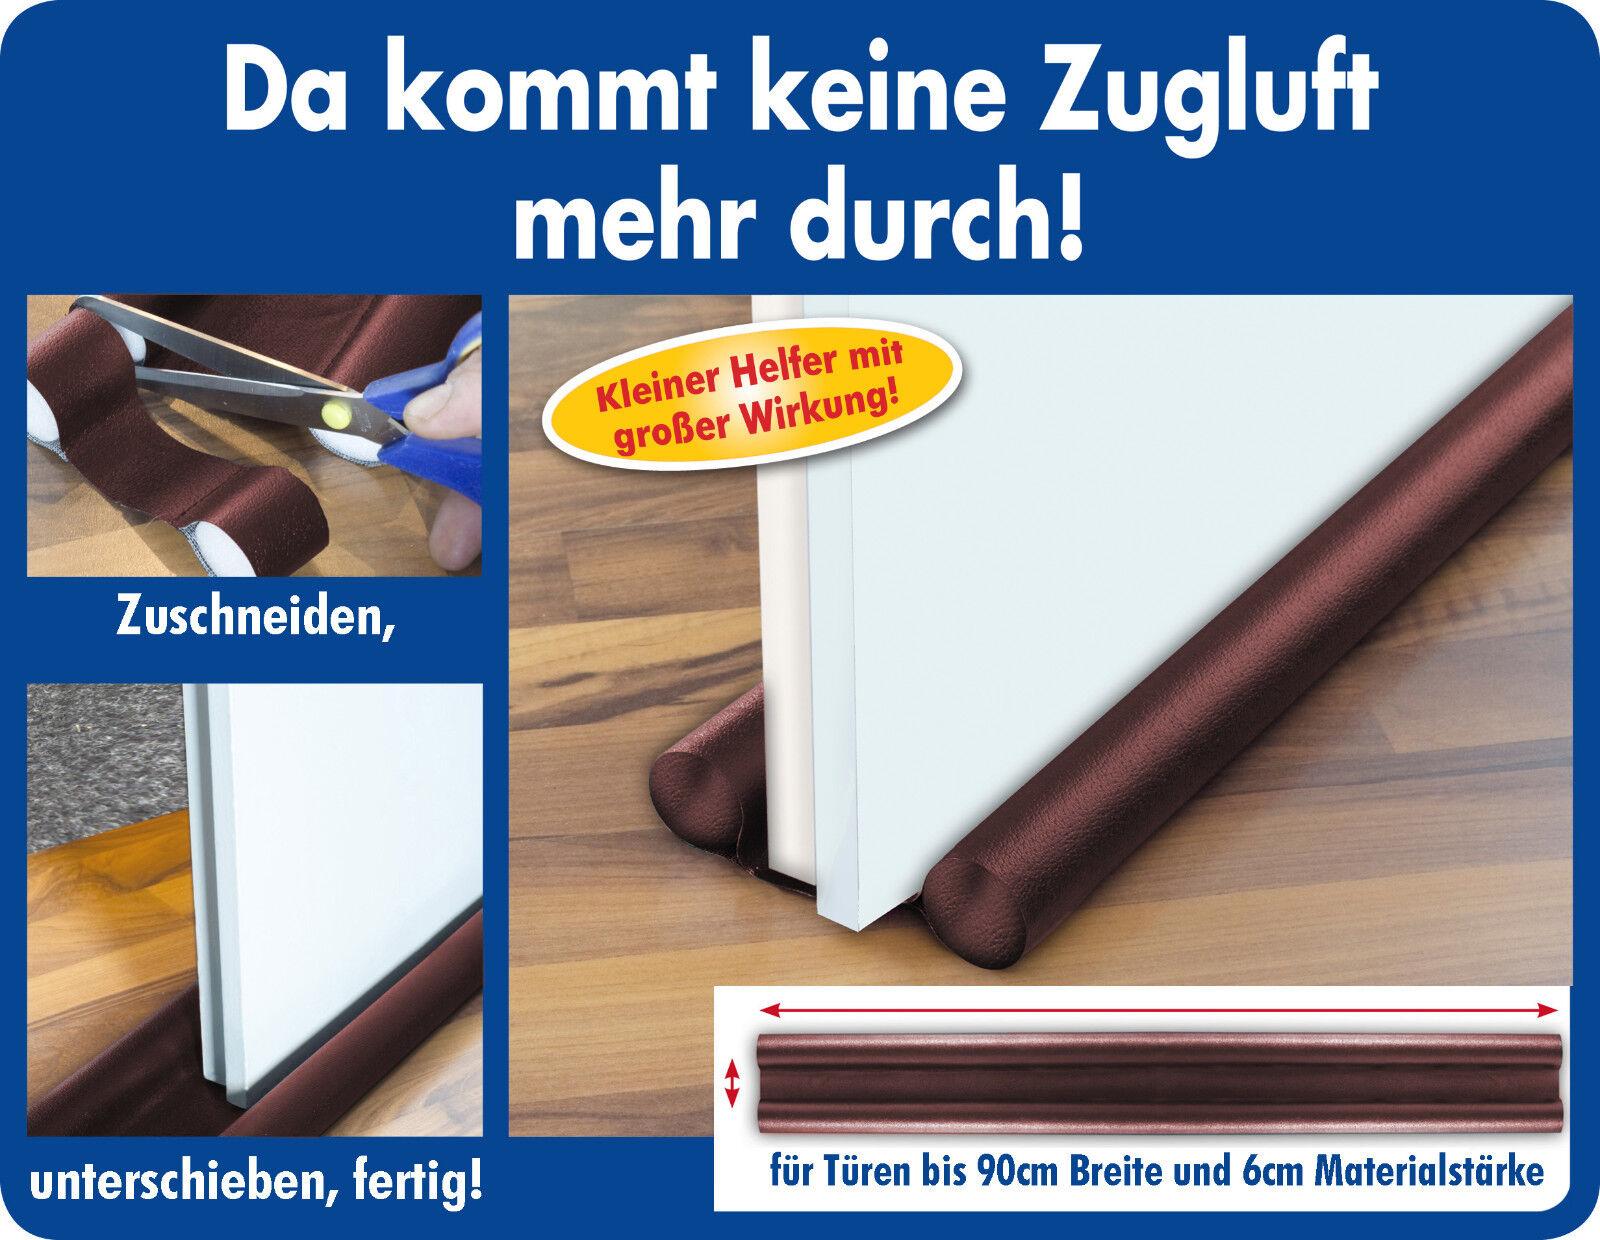 2-5 Zugluft Stopper BRAUN Tür Abdichtung 90 cm Türdichtung Zugluftstop Dichtung